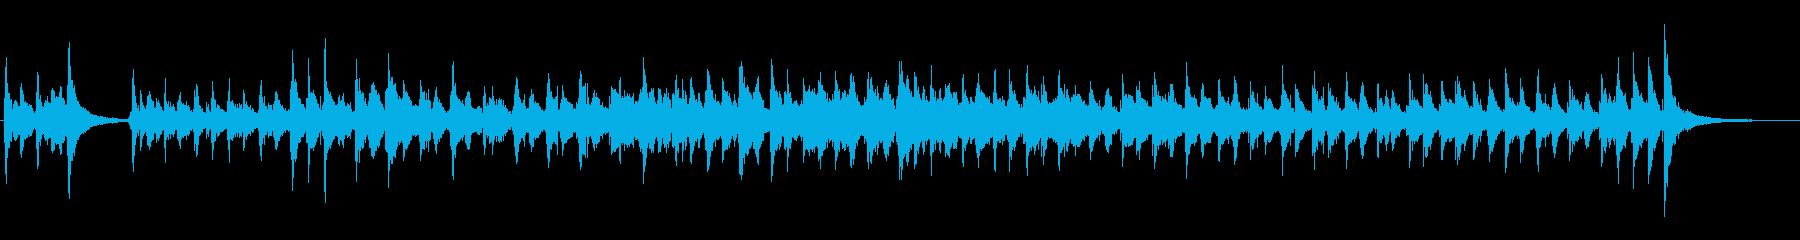 これは、一流のマンドリンとストリー...の再生済みの波形